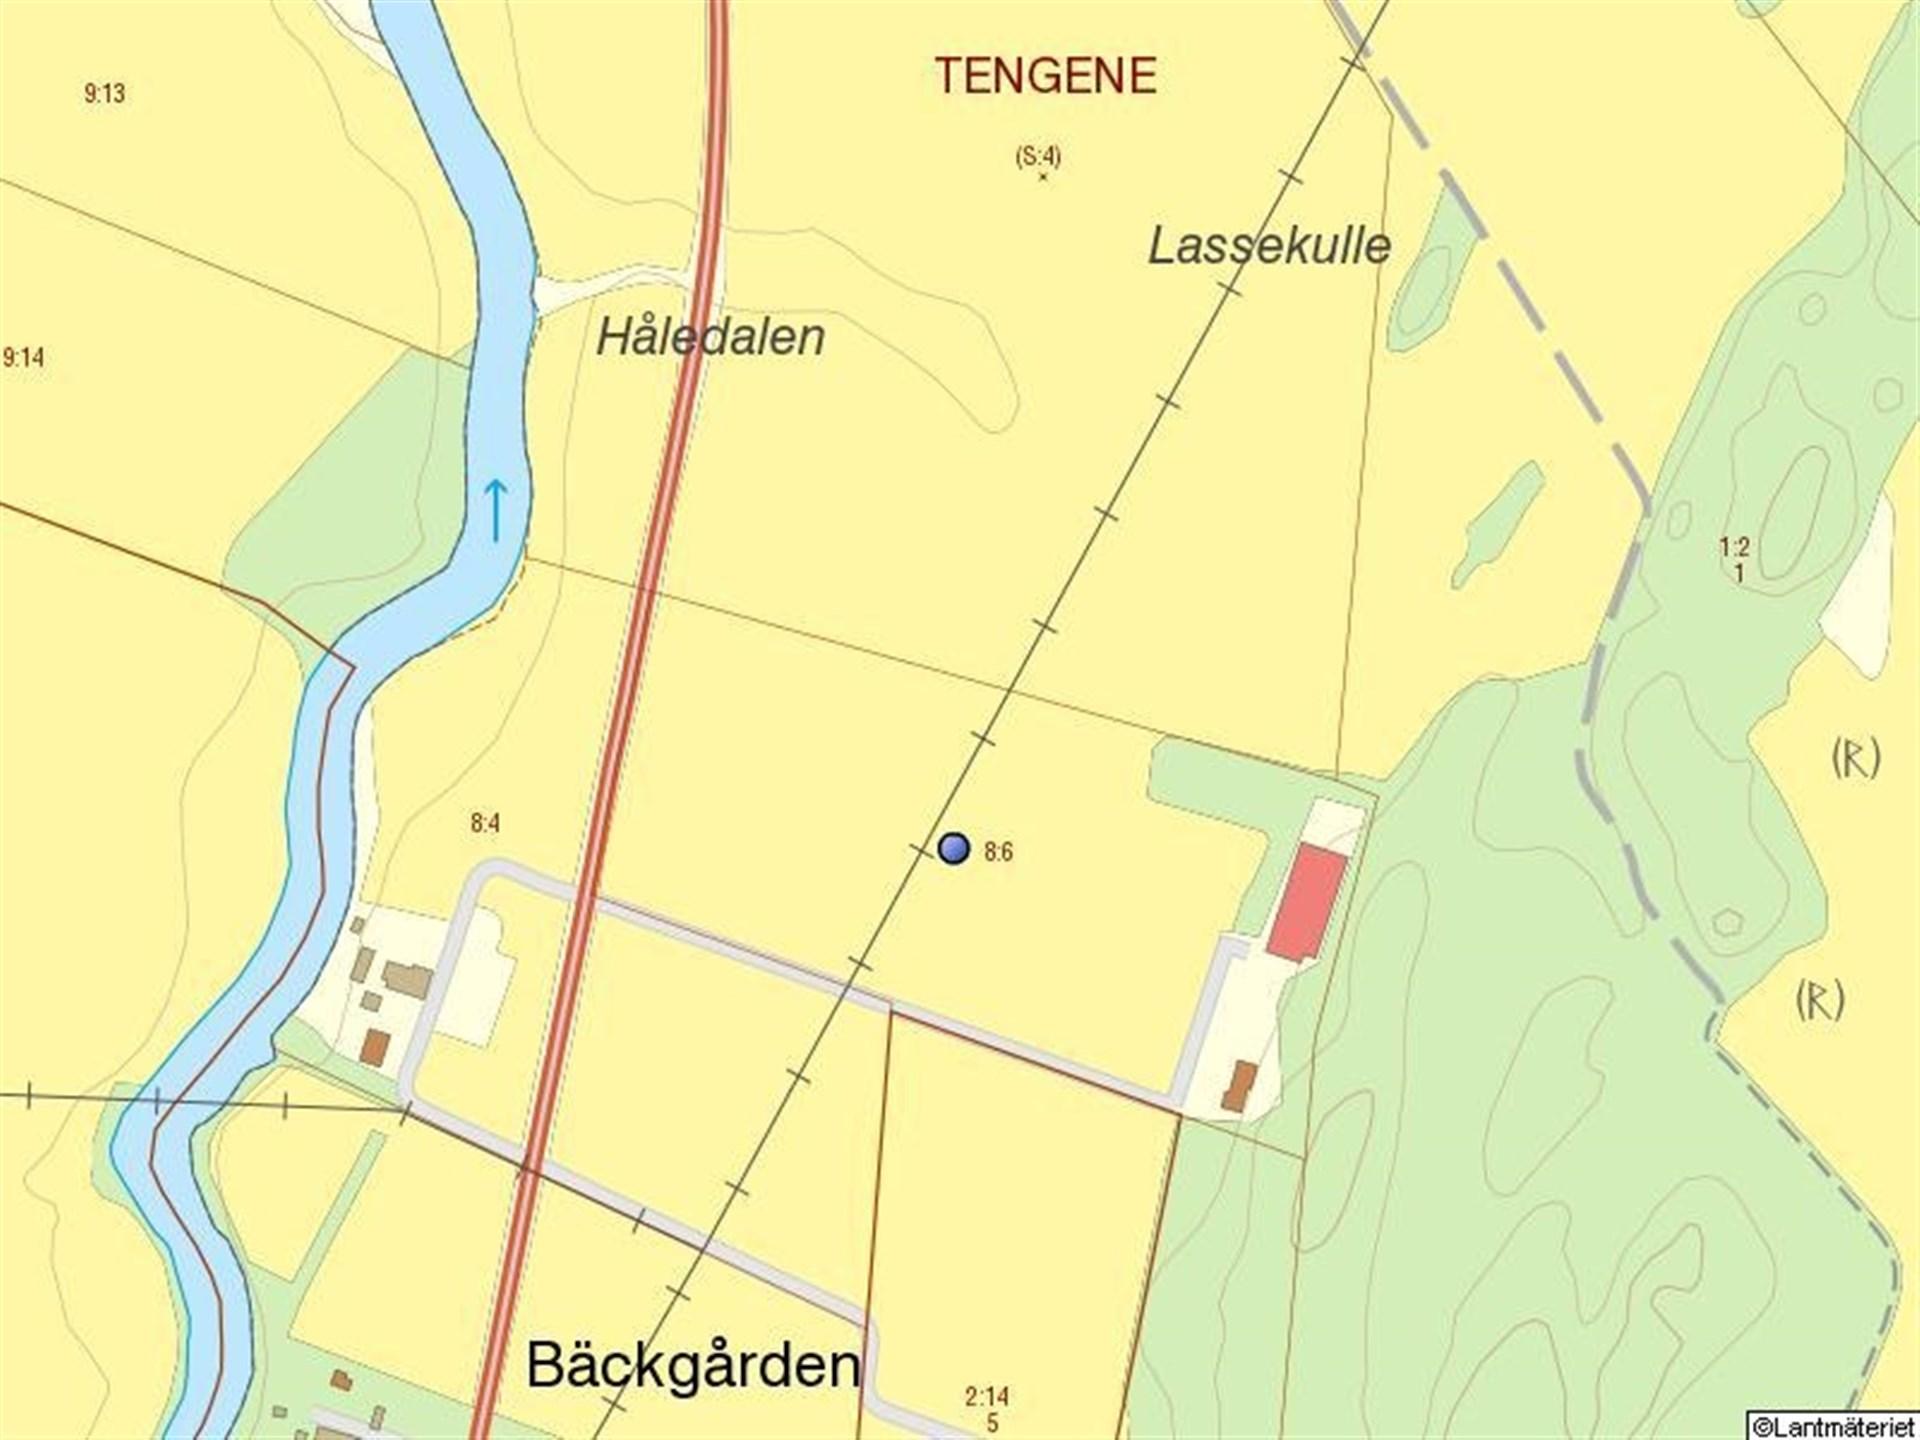 Fastighetskarta - fastigheten markerad med blå punkt